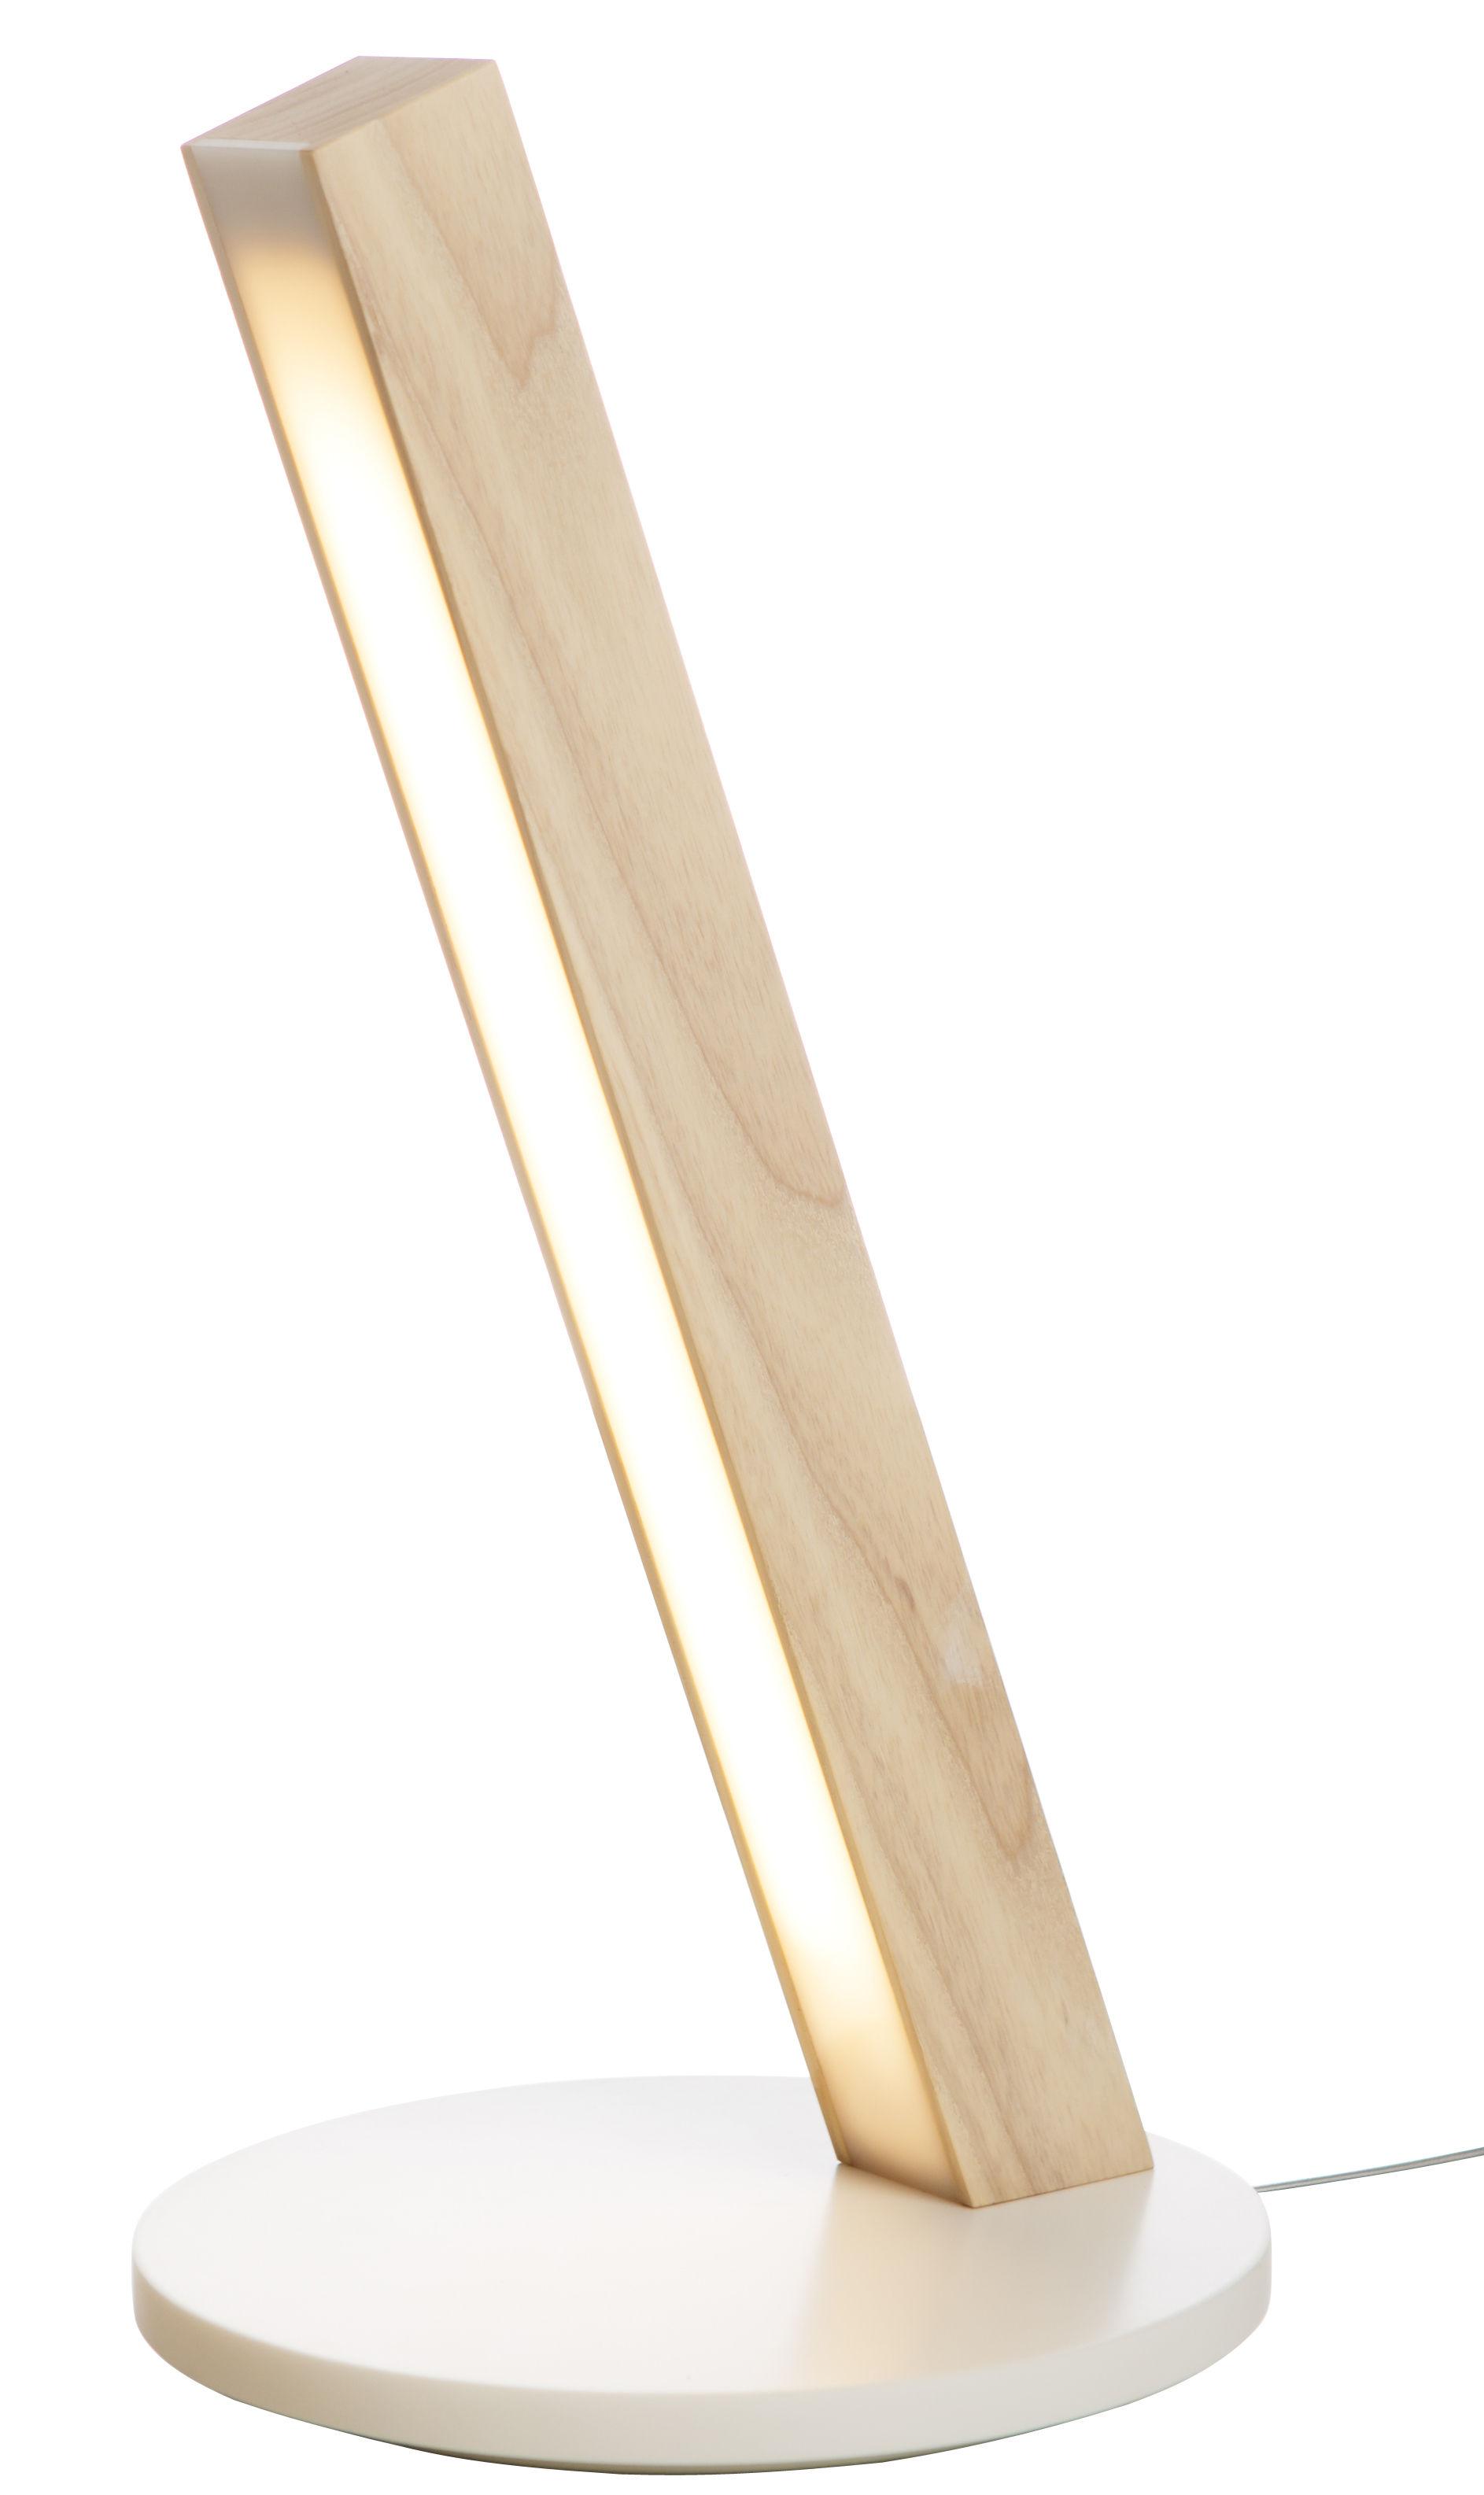 Beleuchtung Ohne Stromkabel Led Beleuchtung Ohne Kabel Gnstige Fr